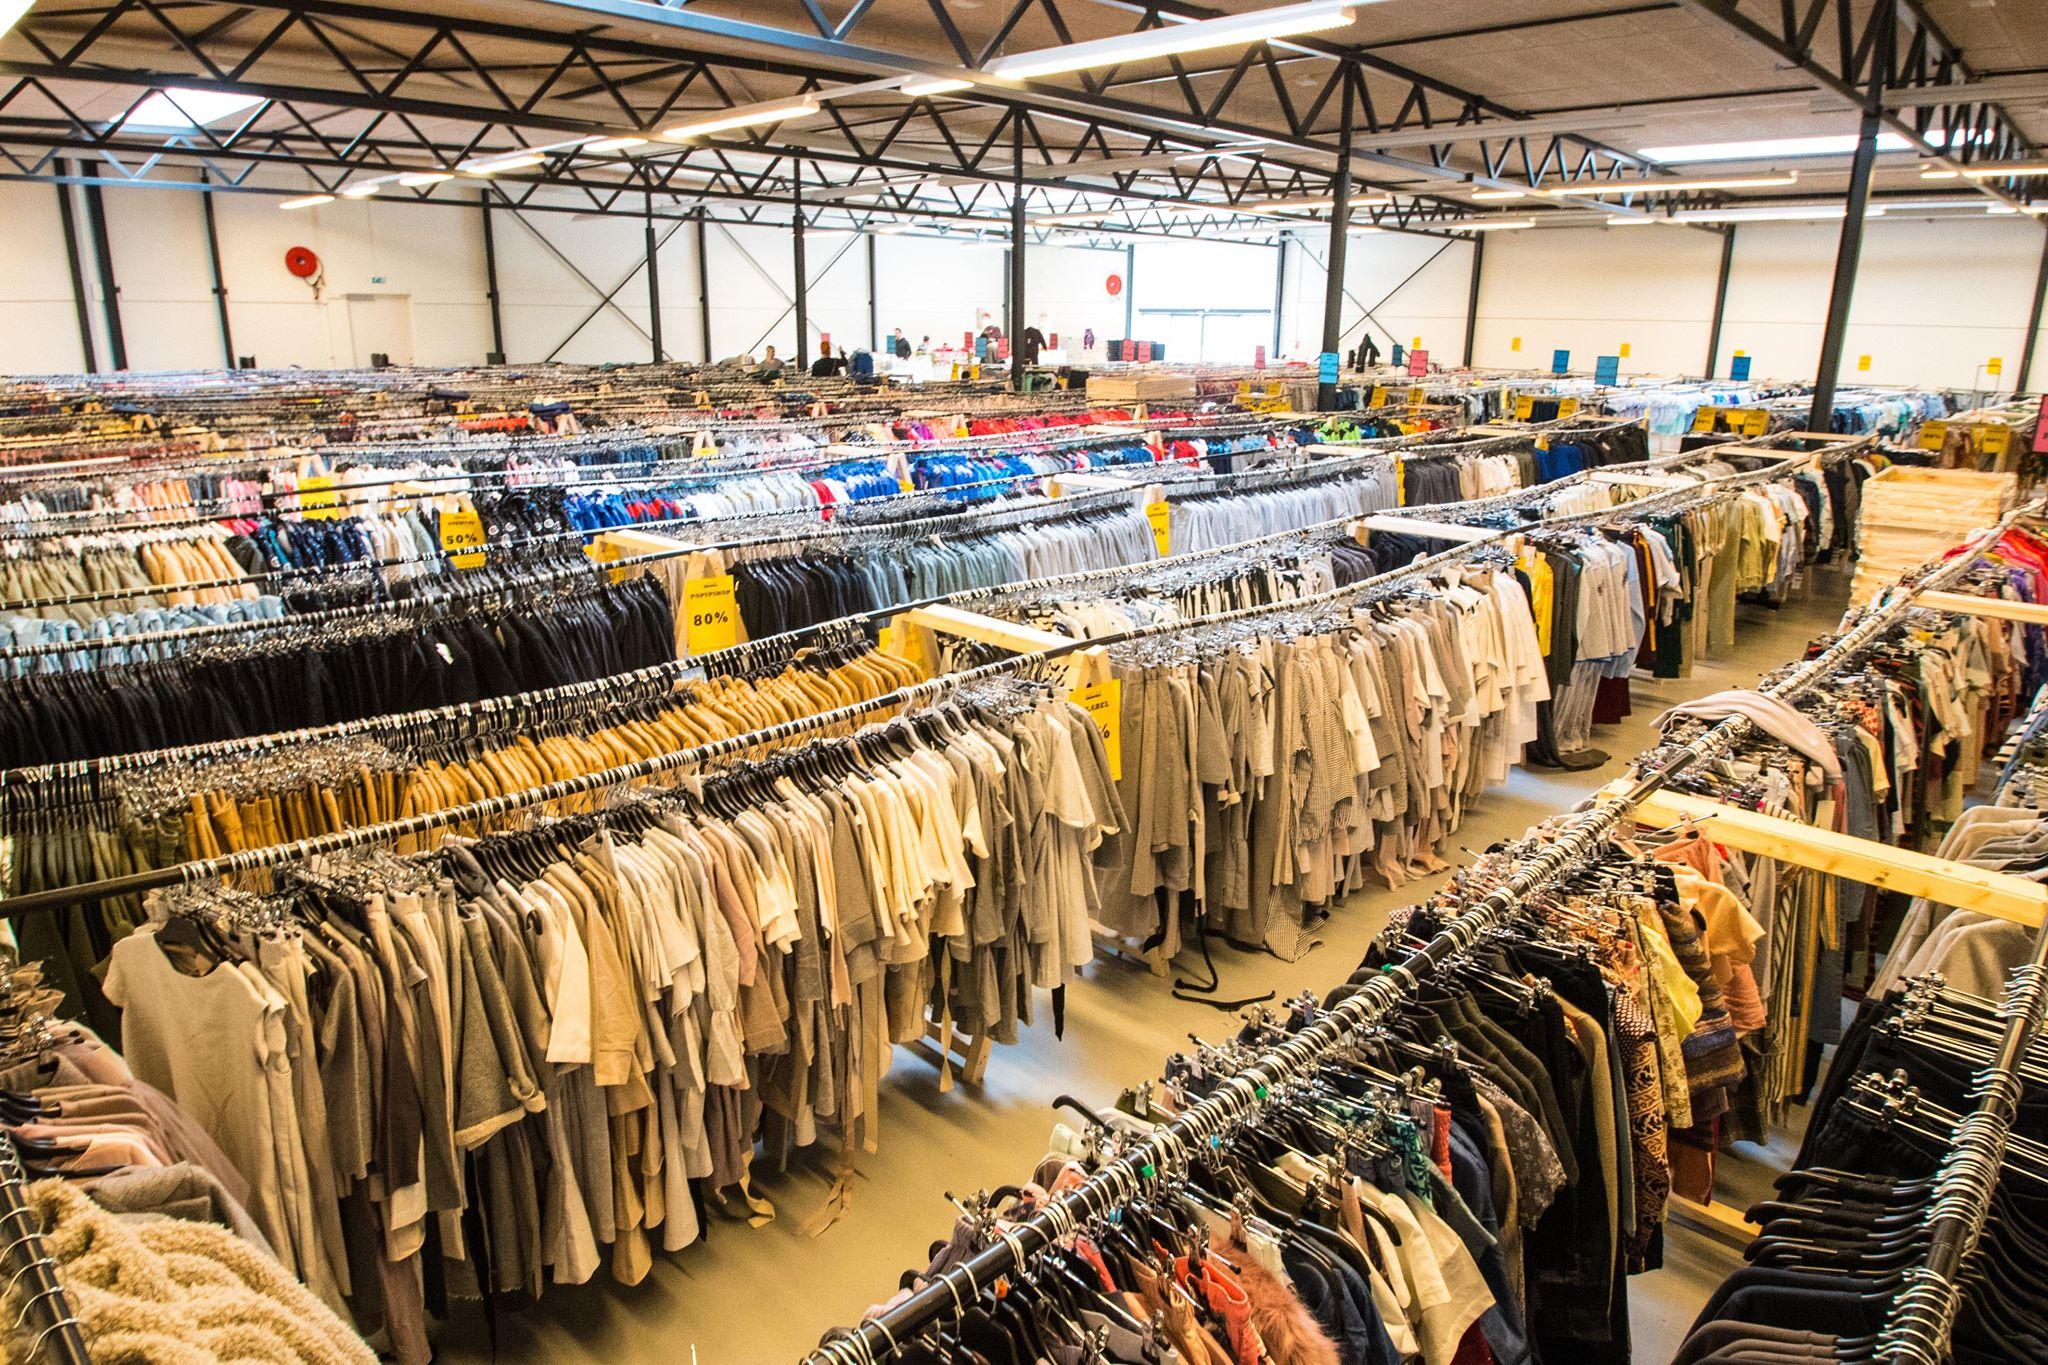 795fa0daf3cc Danmarks største børnetøjs-outlet åbner i Aalborg